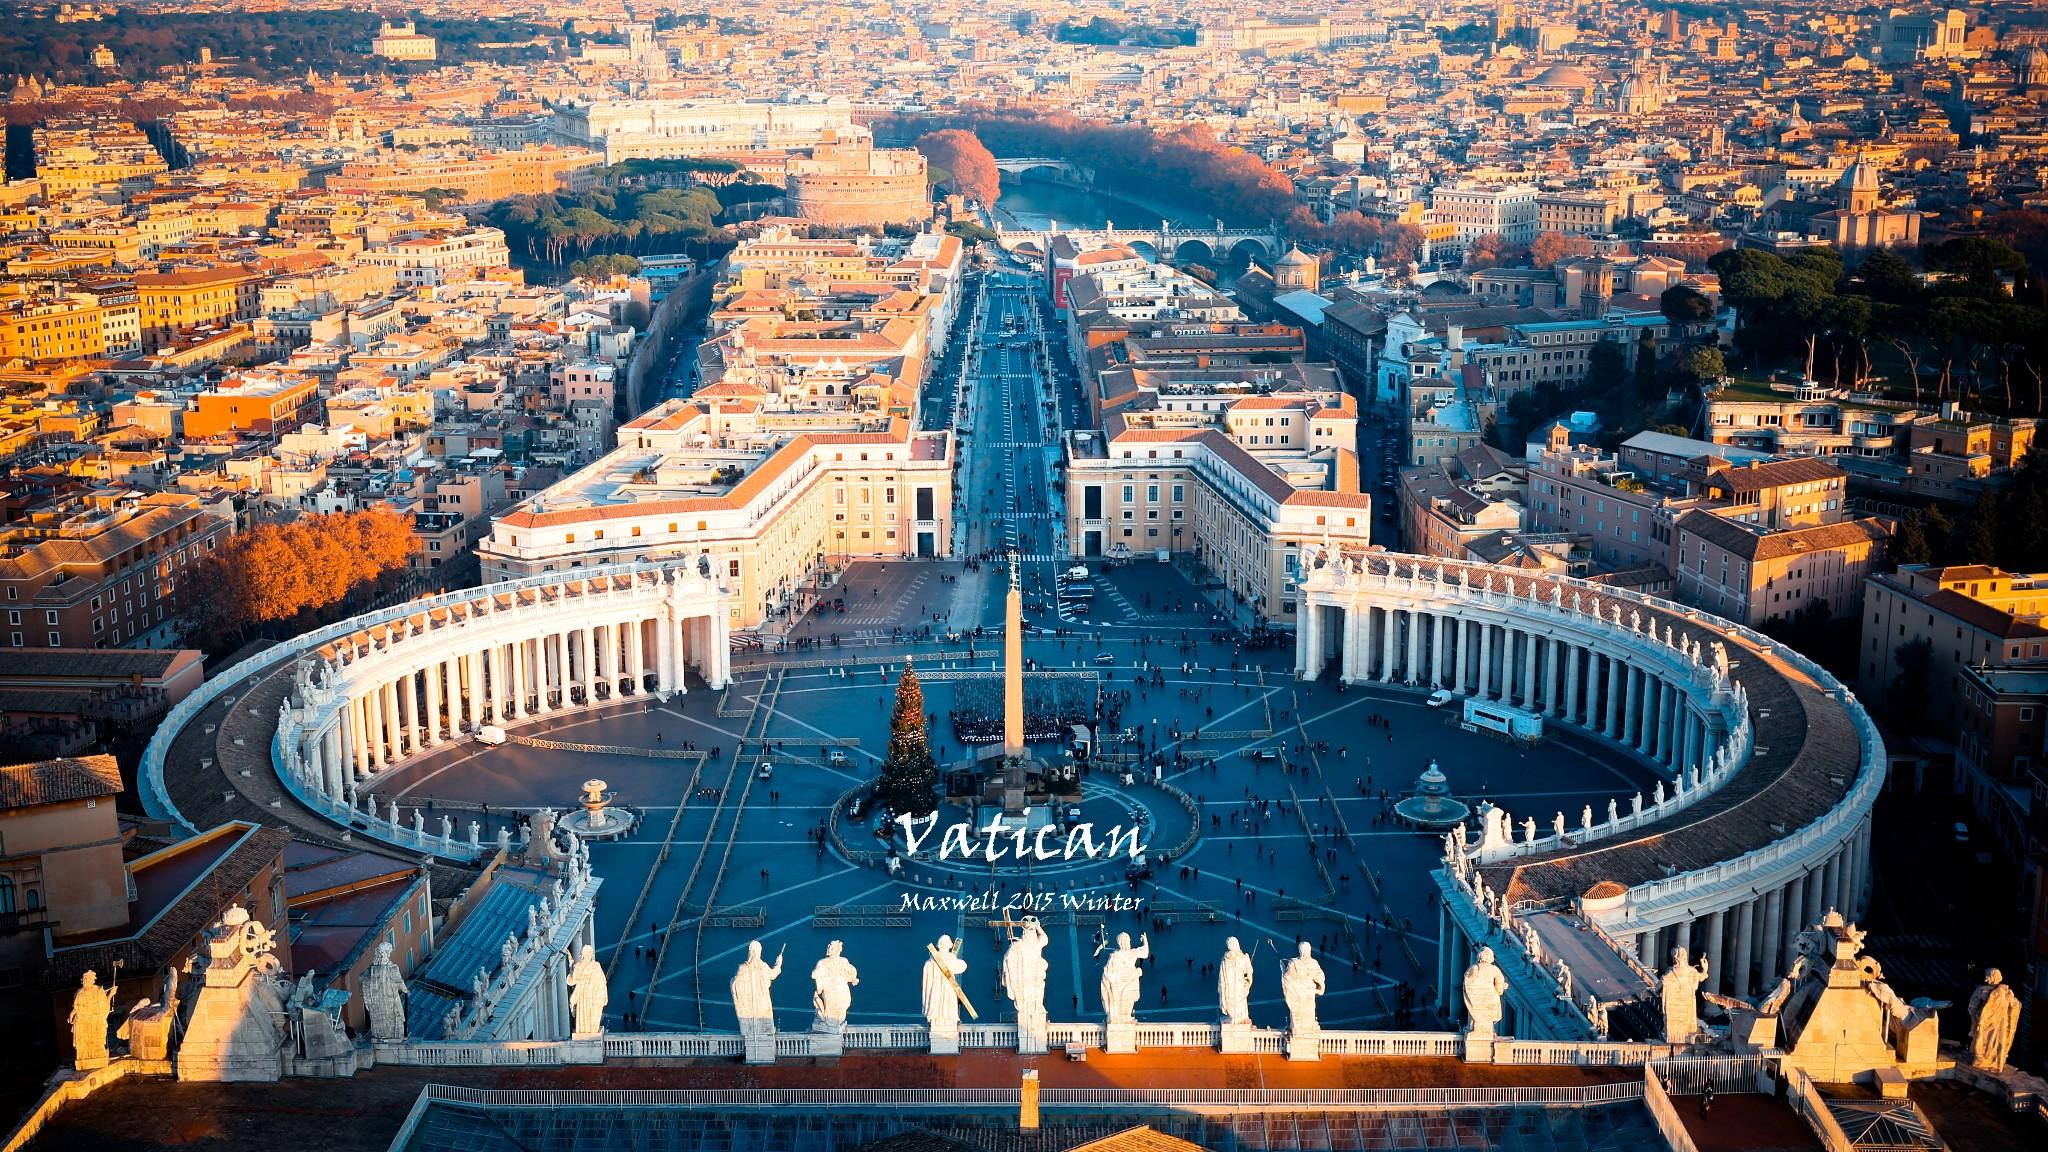 六月罗马有什么好玩的,六月罗马去哪玩,六月罗马旅游攻略